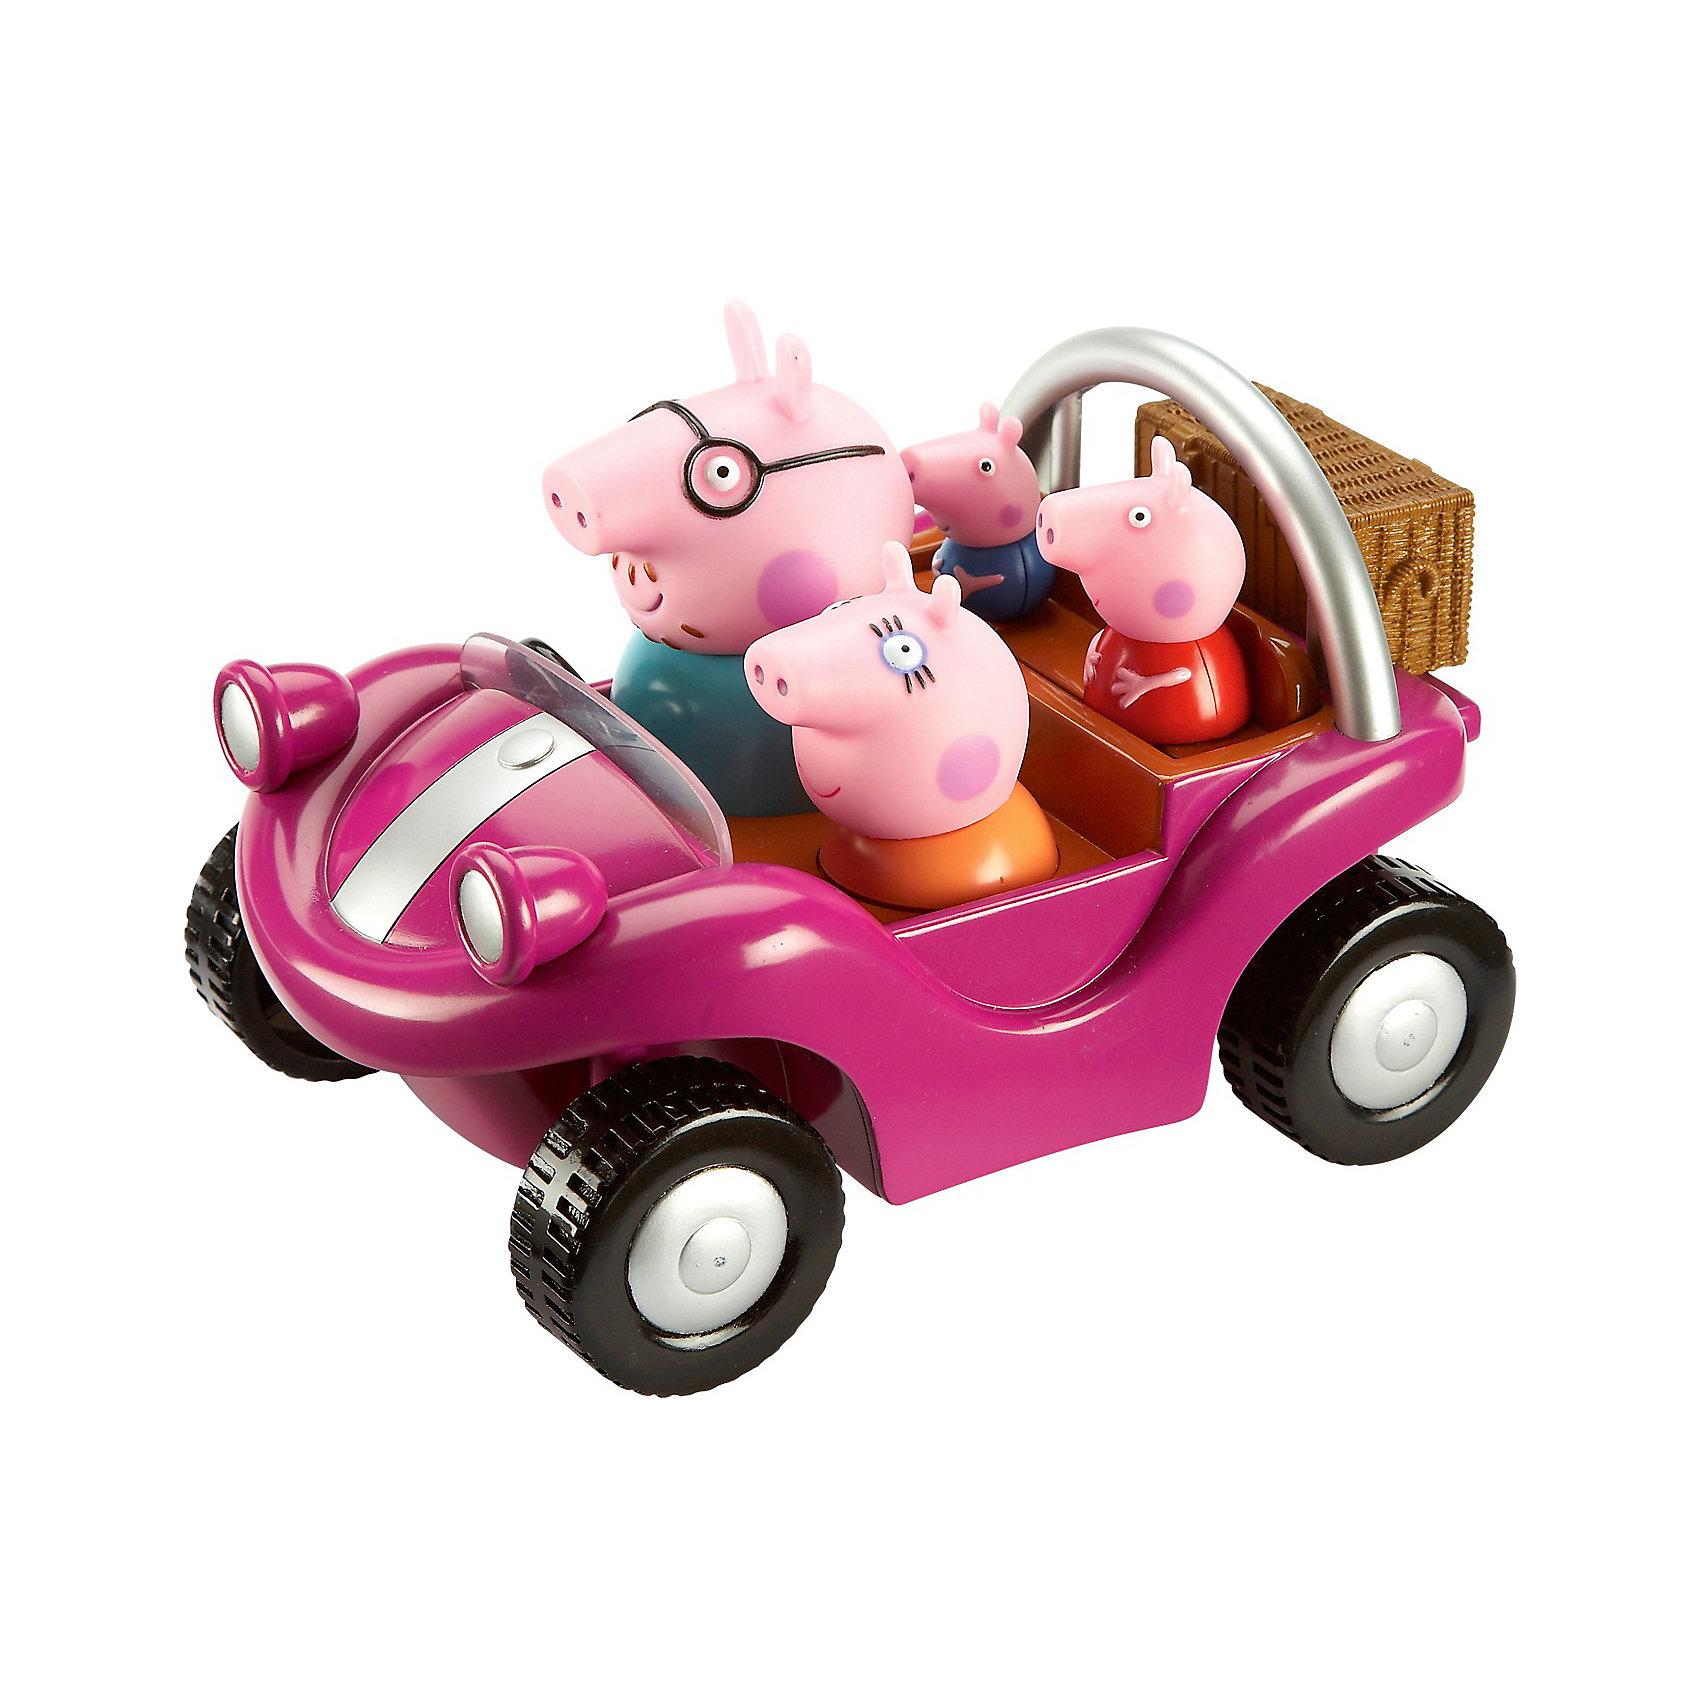 Игровой набор Спортивная машина, Свинка ПеппаИгрушки<br>Пеппа и ее семья решили прокатиться в стильном спортивном автомобиле: папа и мама сели спереди, а Пеппа и Джордж – сзади. Теперь они могут отправиться в магазин, на пикник или даже поучаствовать в спортивных соревнованиях. Веселая семья Пеппы не привыкла скучать!&#13;<br>&#13;<br>Дополнительная информация:<br><br>- В игровом наборе «Спортивная машина» «Свинка Пеппа»: машина размером 20 х 13 см, 4 несъемные фигурки: мама, папа, Пеппа, Джордж.<br>- Игрушки изготовлены из высококачественного безопасного пластика. <br><br>Игровой набор Спортивная машина, Свинка Пепа (Peppa Pig) можно купить в нашем магазине.<br><br>Ширина мм: 240<br>Глубина мм: 165<br>Высота мм: 146<br>Вес г: 600<br>Возраст от месяцев: 36<br>Возраст до месяцев: 72<br>Пол: Унисекс<br>Возраст: Детский<br>SKU: 3737370